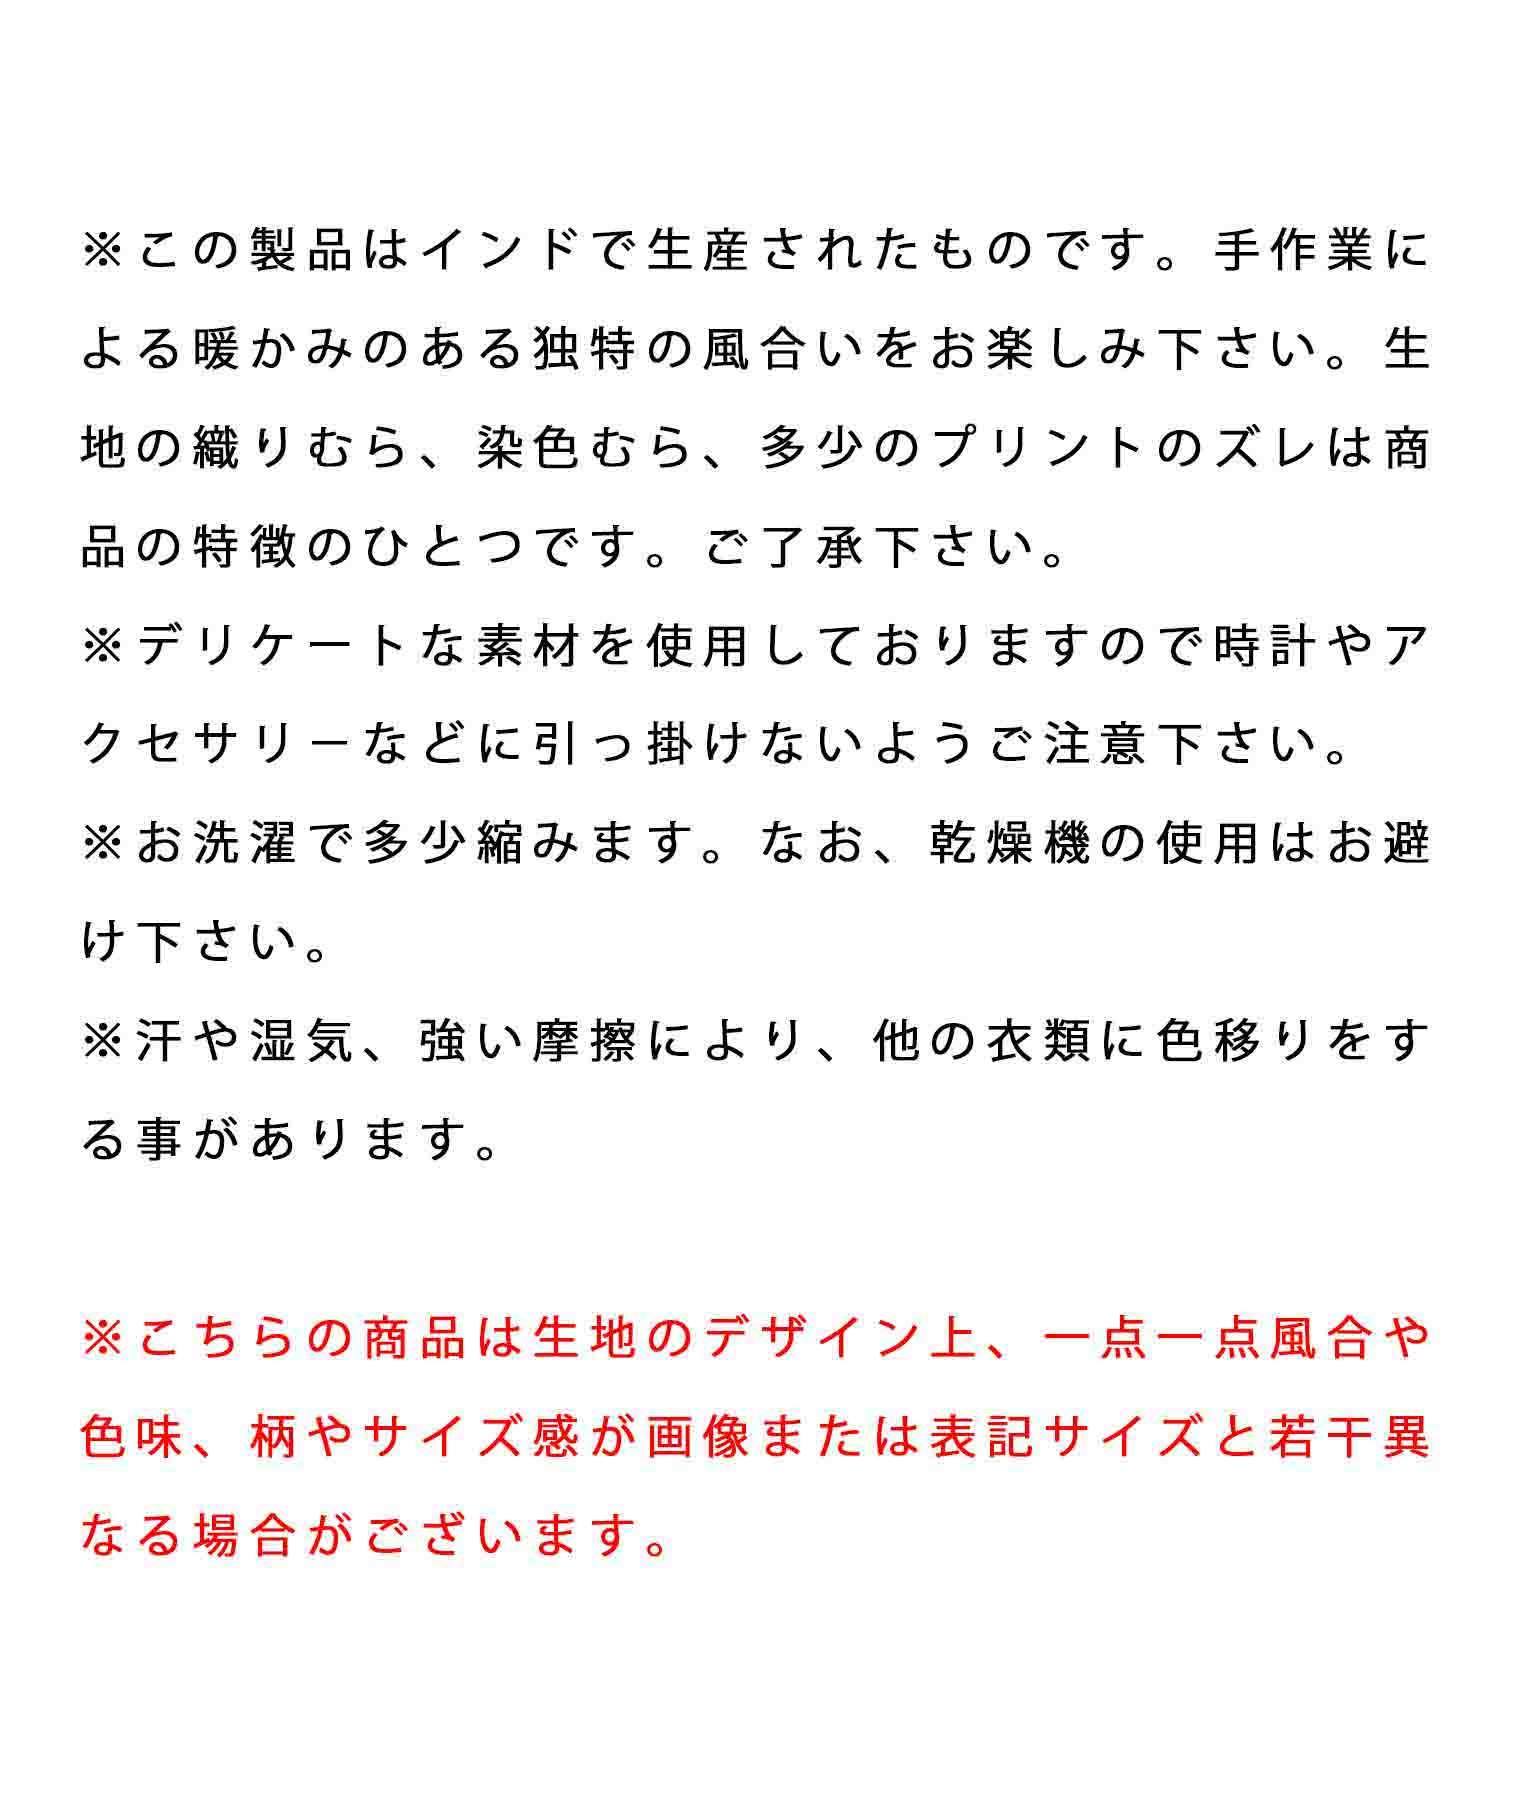 スタンドカラーオリエンタルプリントワンピース(ワンピース・ドレス/ロングワンピ・マキシ丈ワンピース)   Alluge